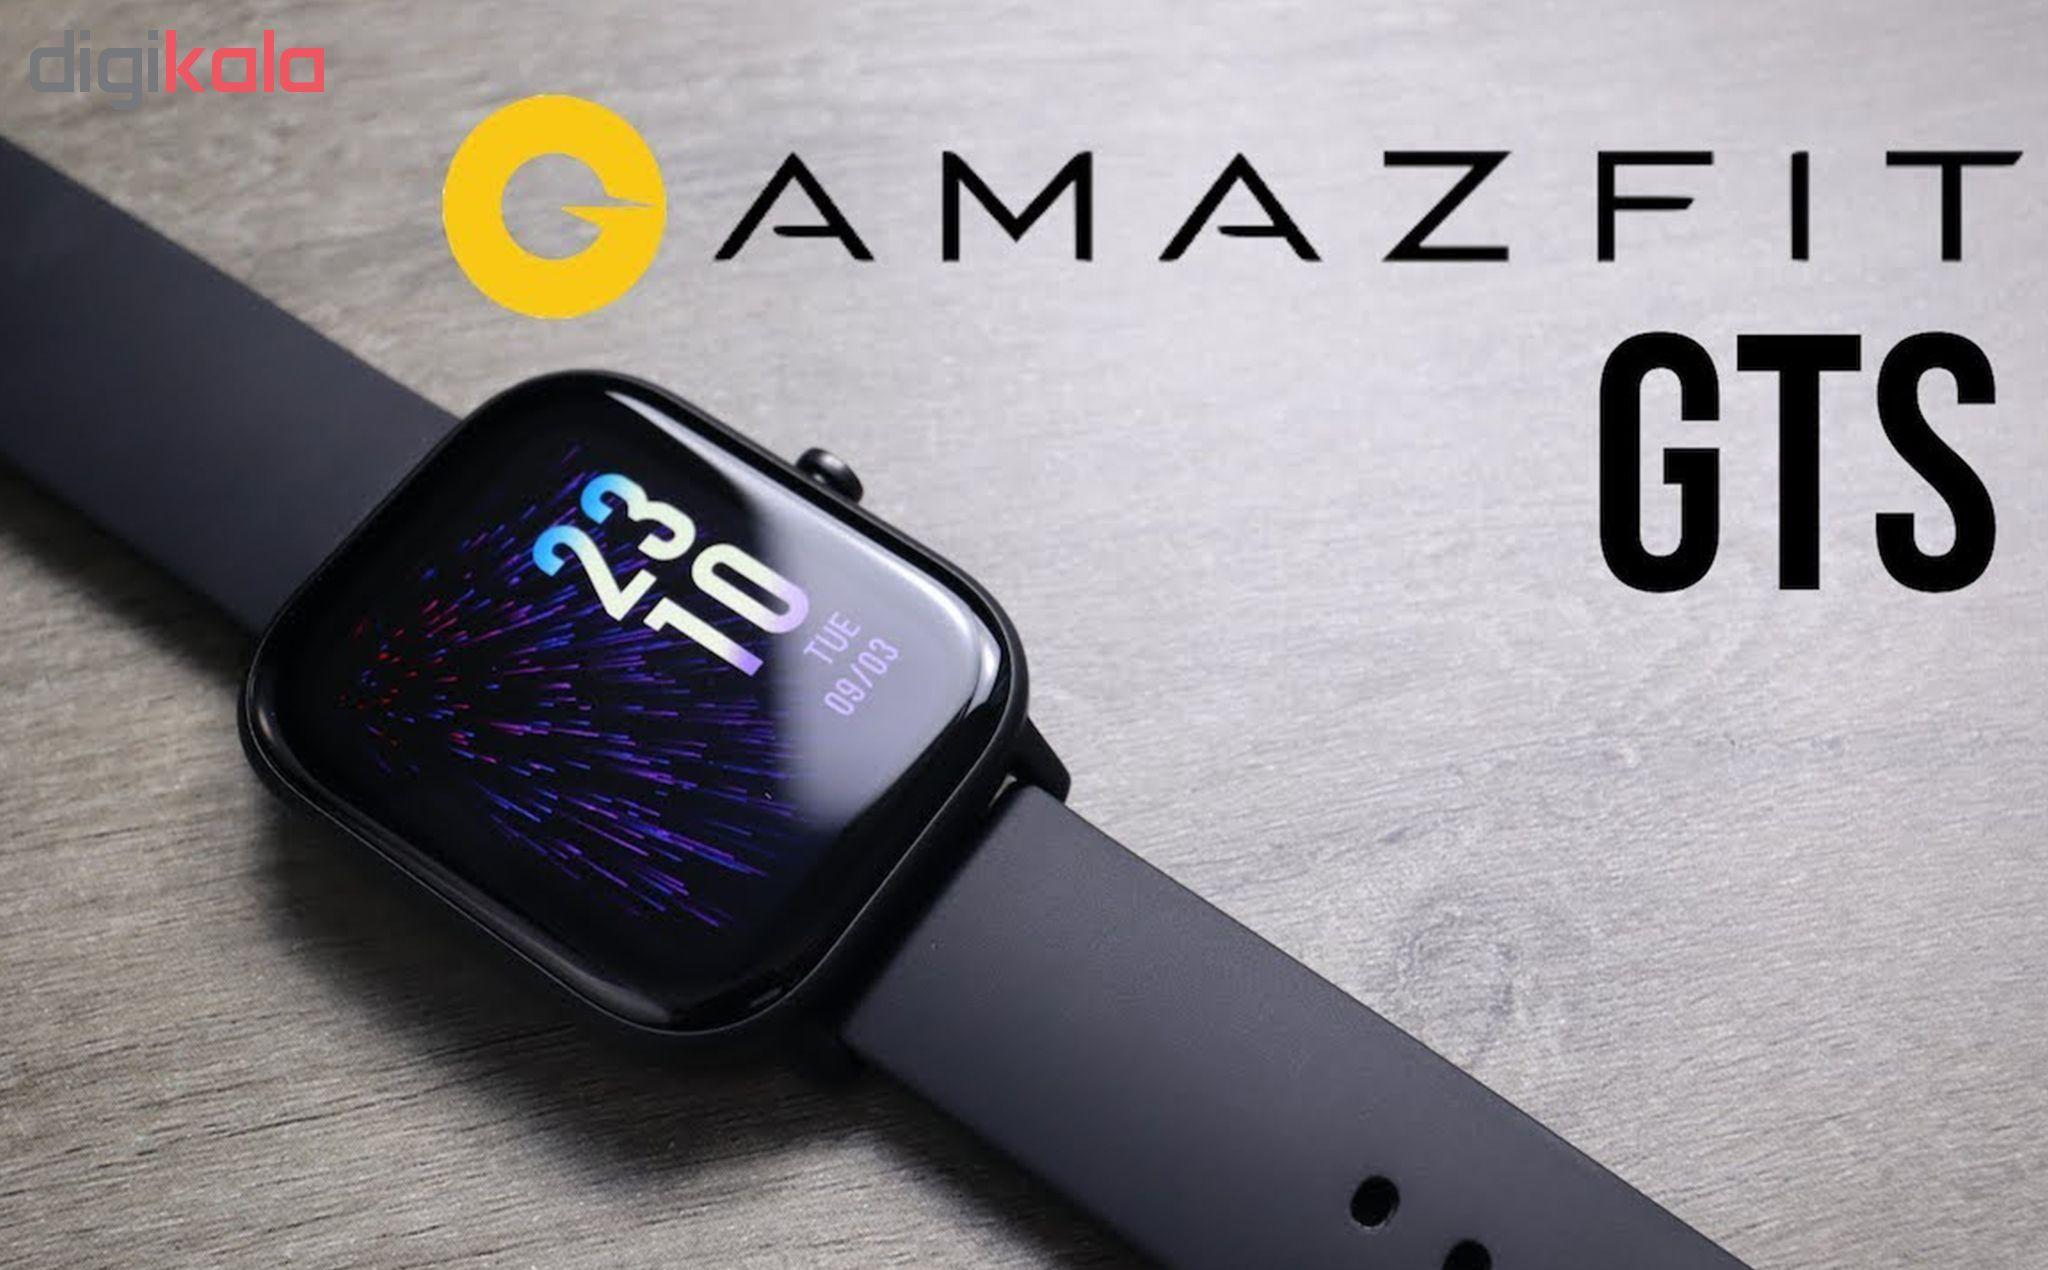 ساعت هوشمند امیزفیت مدل GTS main 1 5